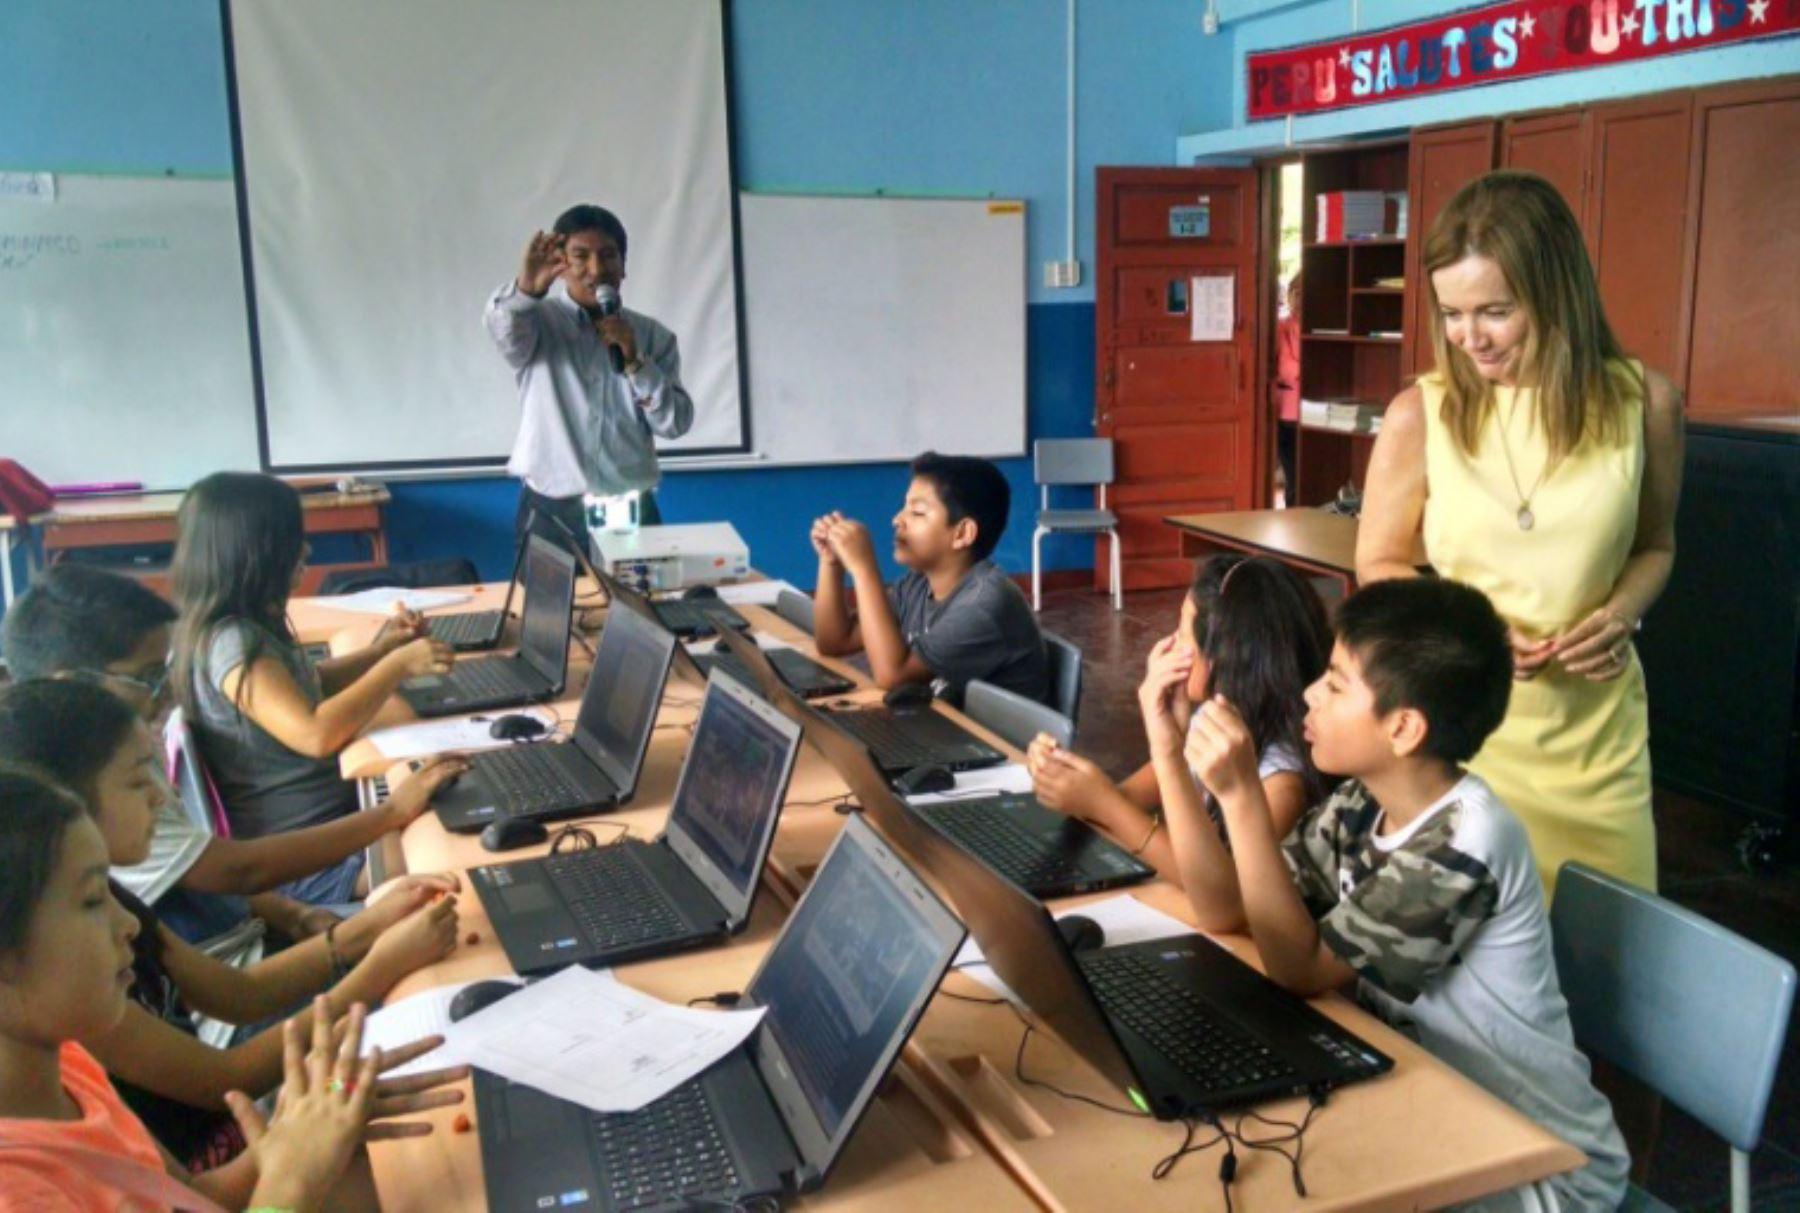 Ministra presenció clase maestra de docente Raúl Cadillo, considerado entre los mejores del mundo en concurso The Global Teacher Prize. Foto: Minedu